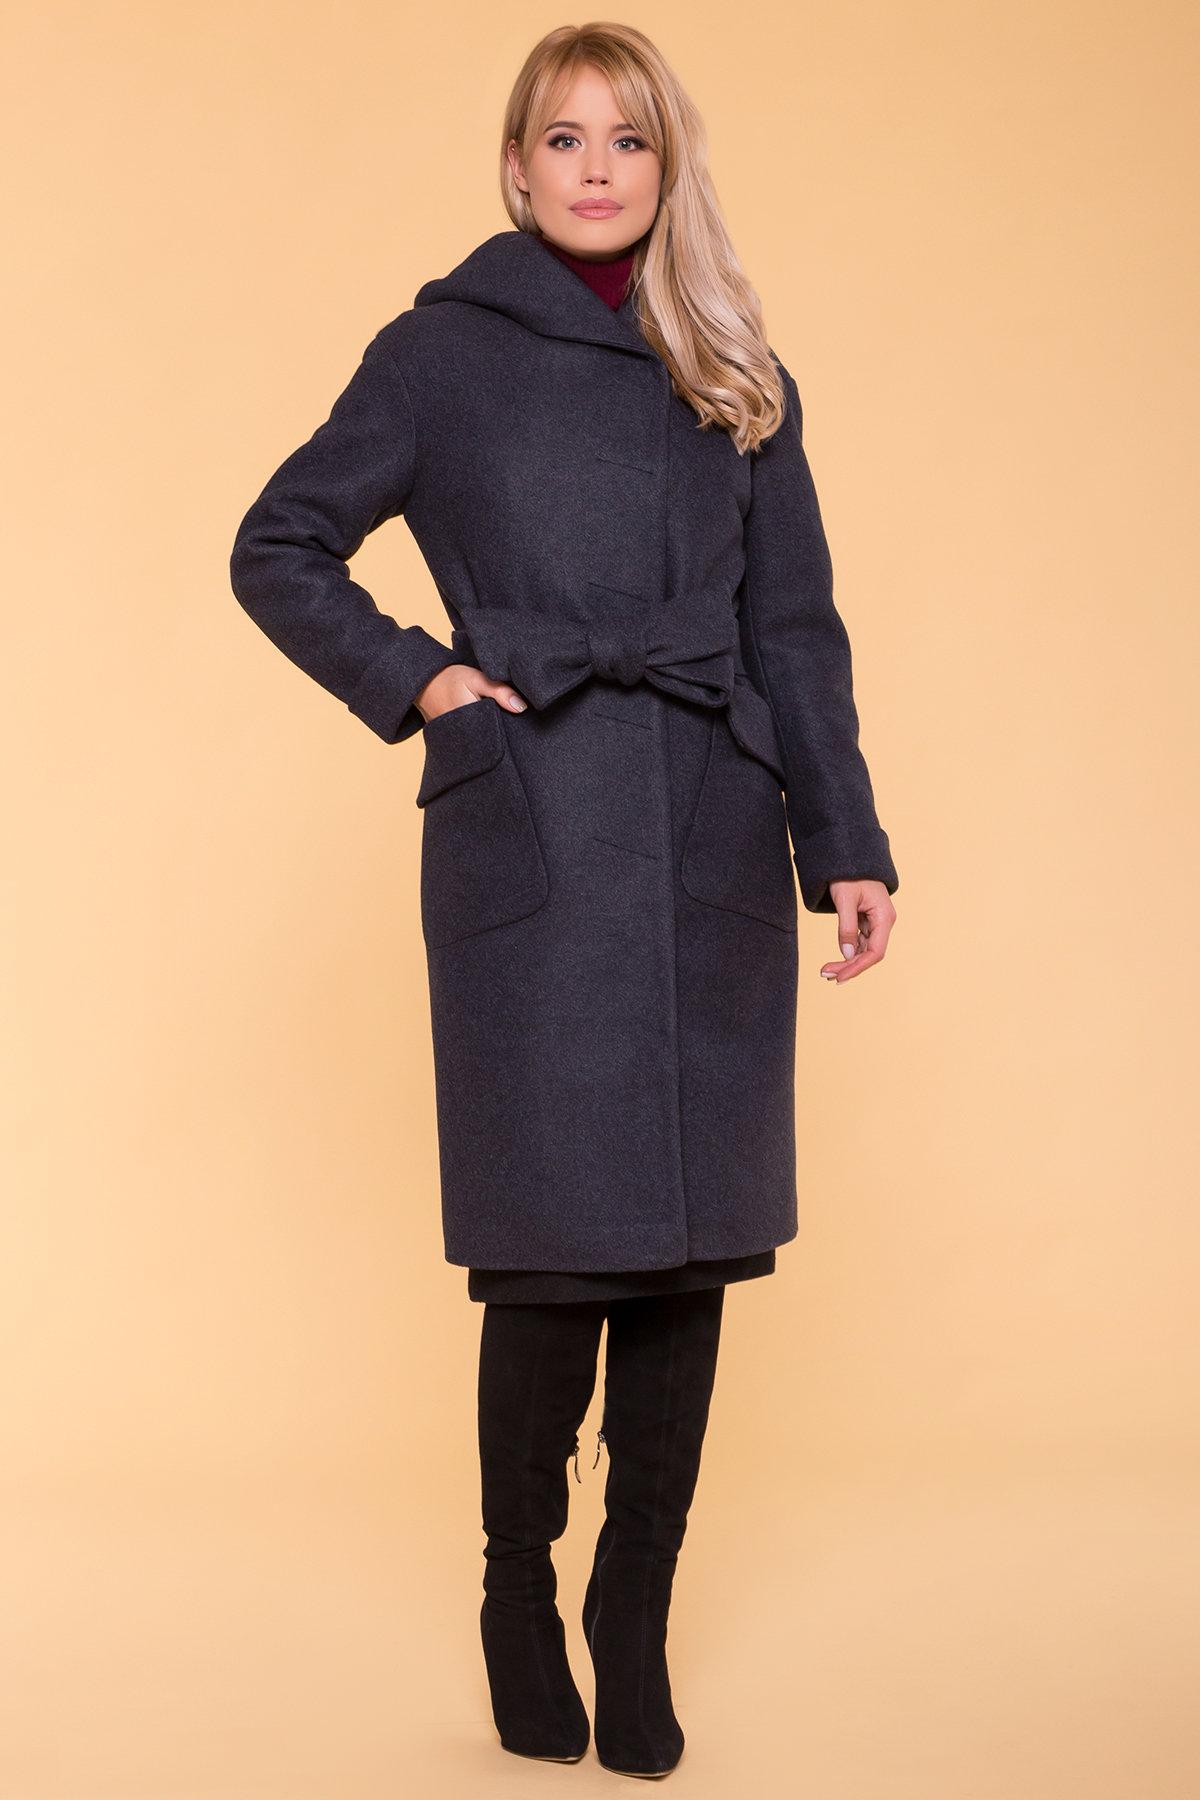 Купить женское зимнее пальто от Modus Пальто зима Анджи 5501